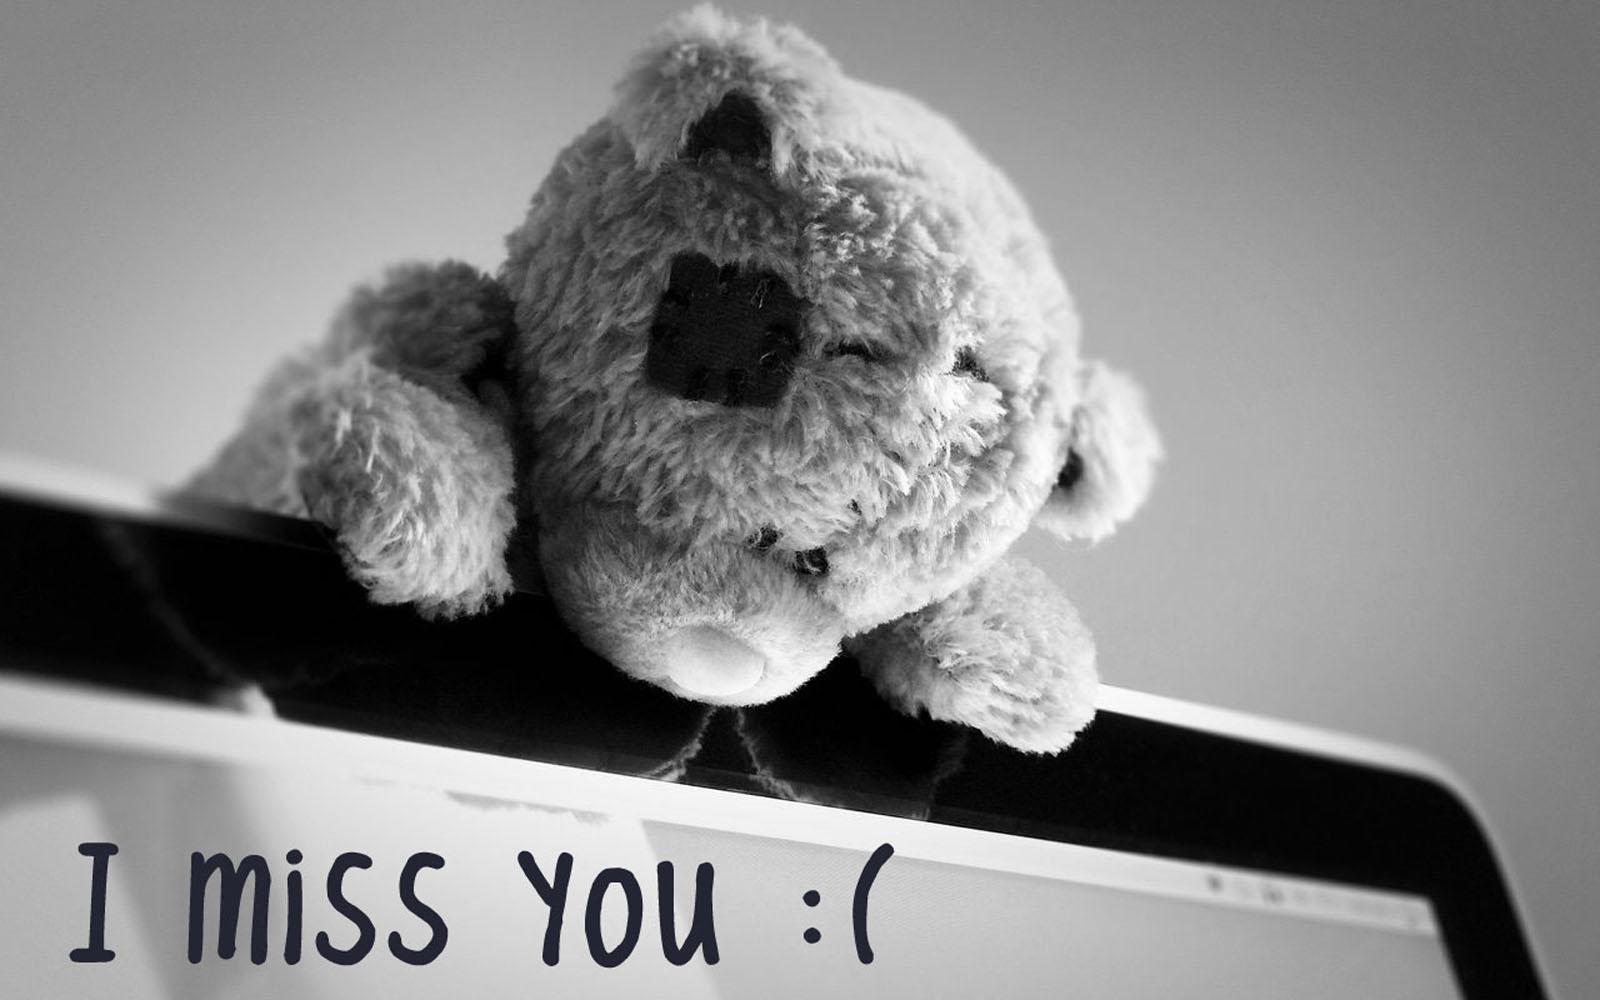 Gambar Tulisan I miss You | Wallpapersforfree